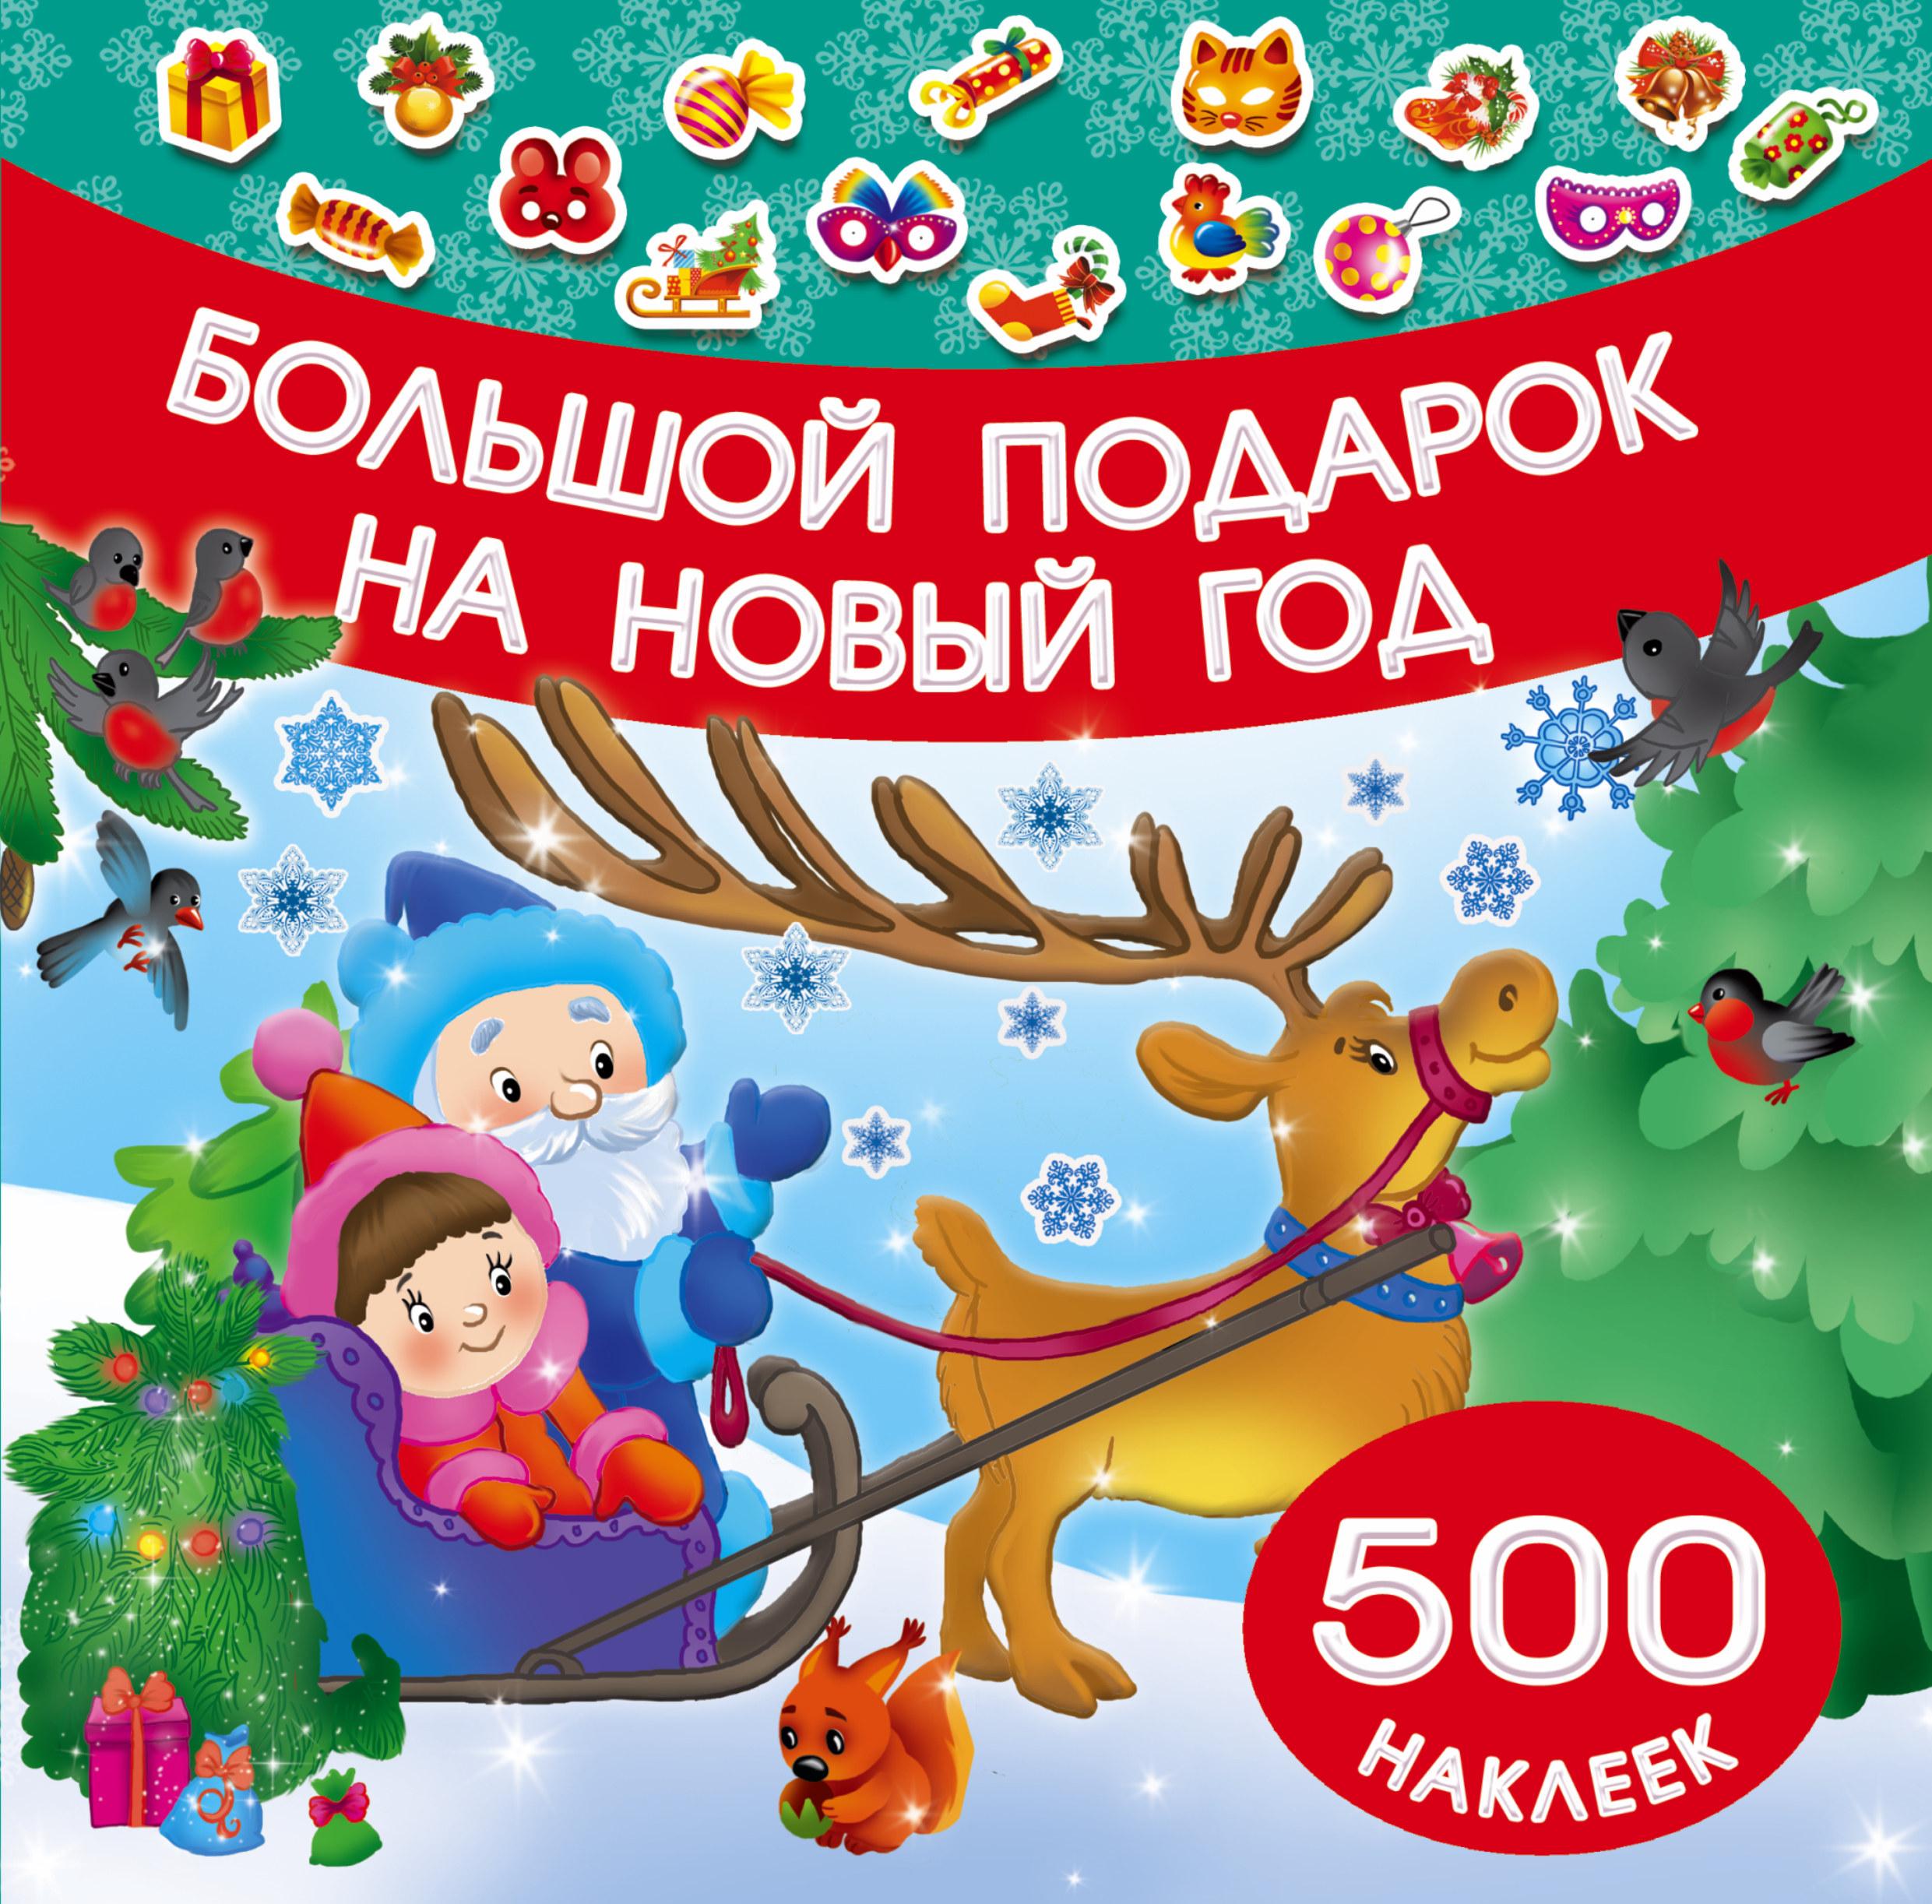 Граблевская О.В., Горбунова И.В. Большой подарок на Новый год корсакова е смирнова а подарок на новый год